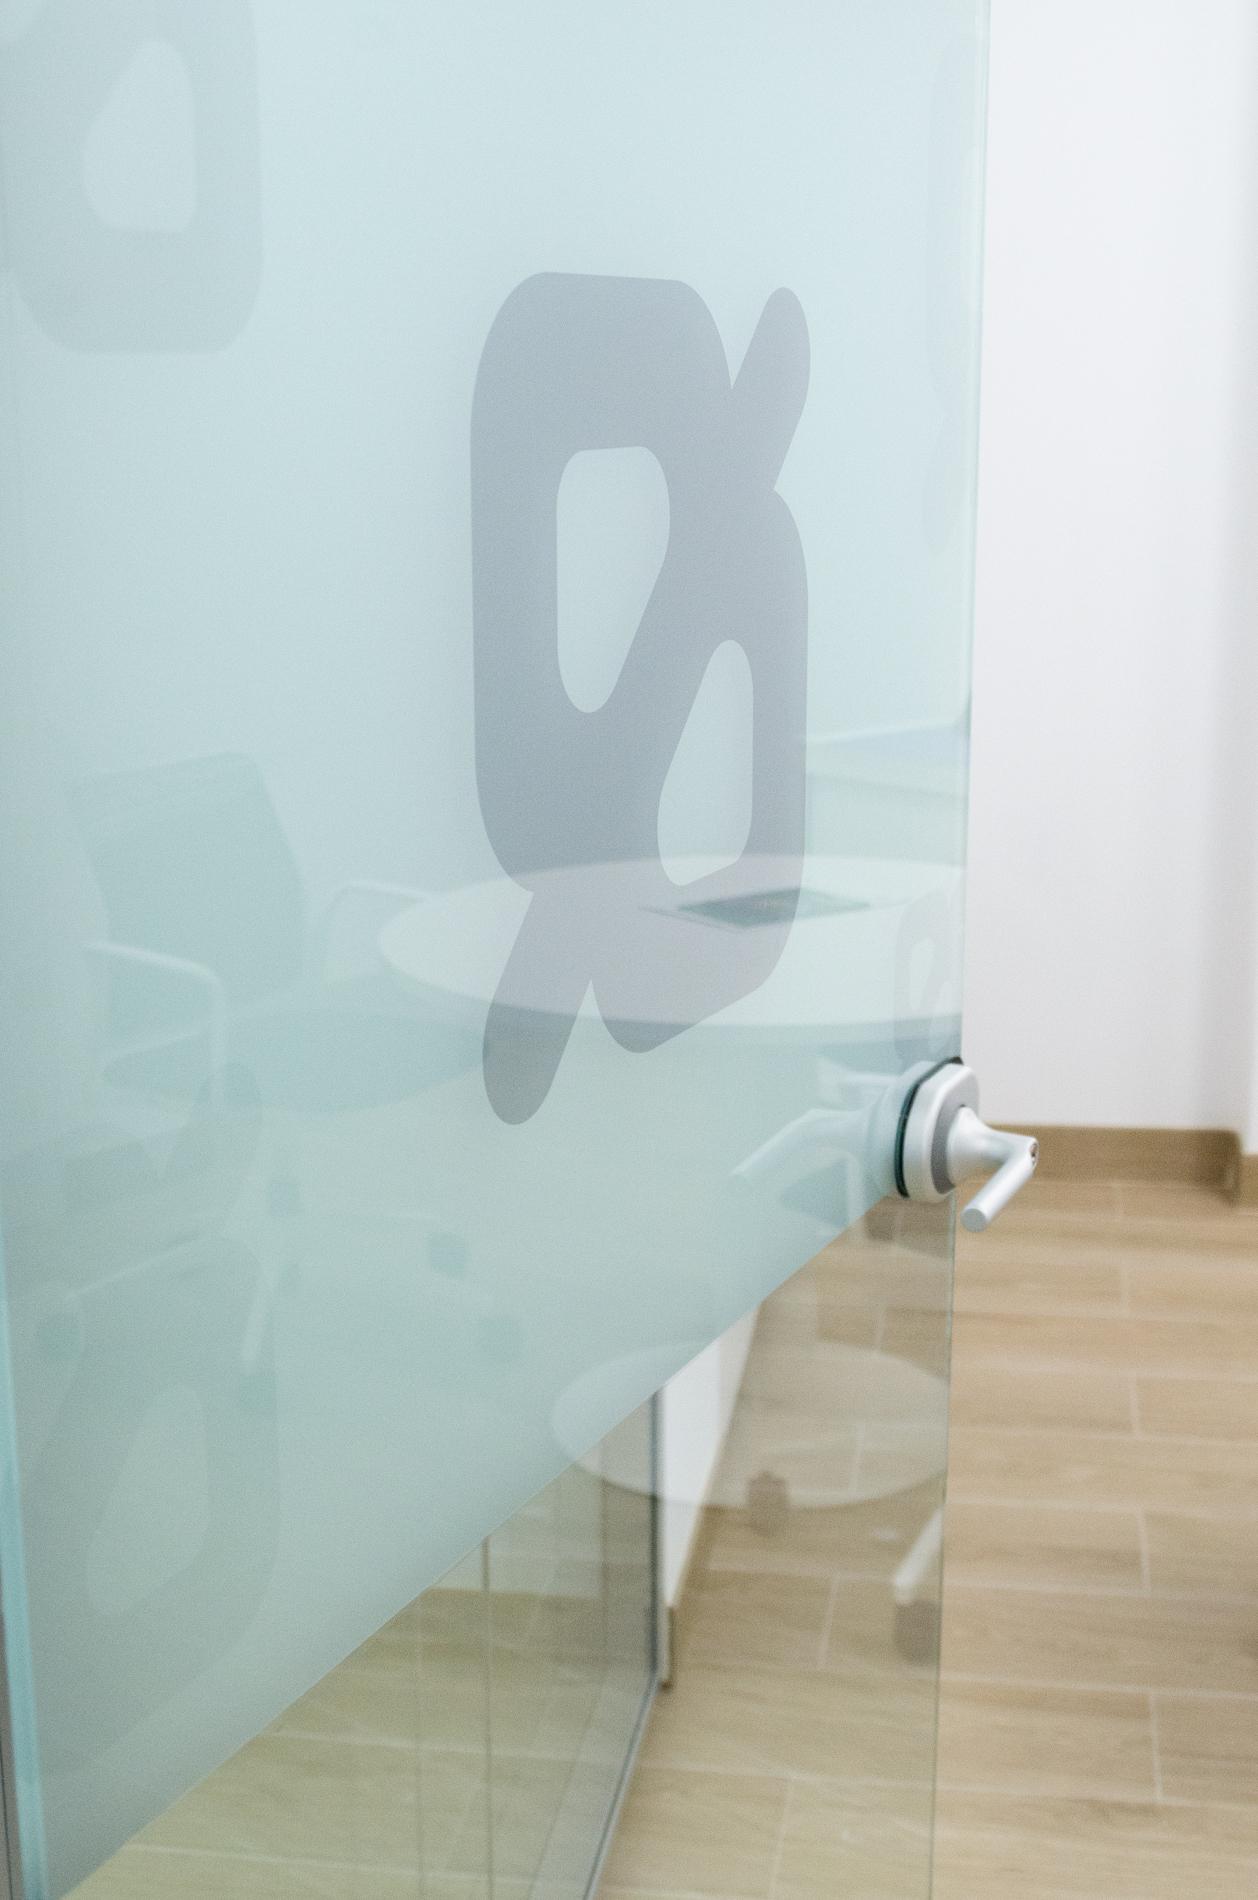 Oficines caixa popular ld 6 oficines muebles de for Oficinas de caixa popular en valencia